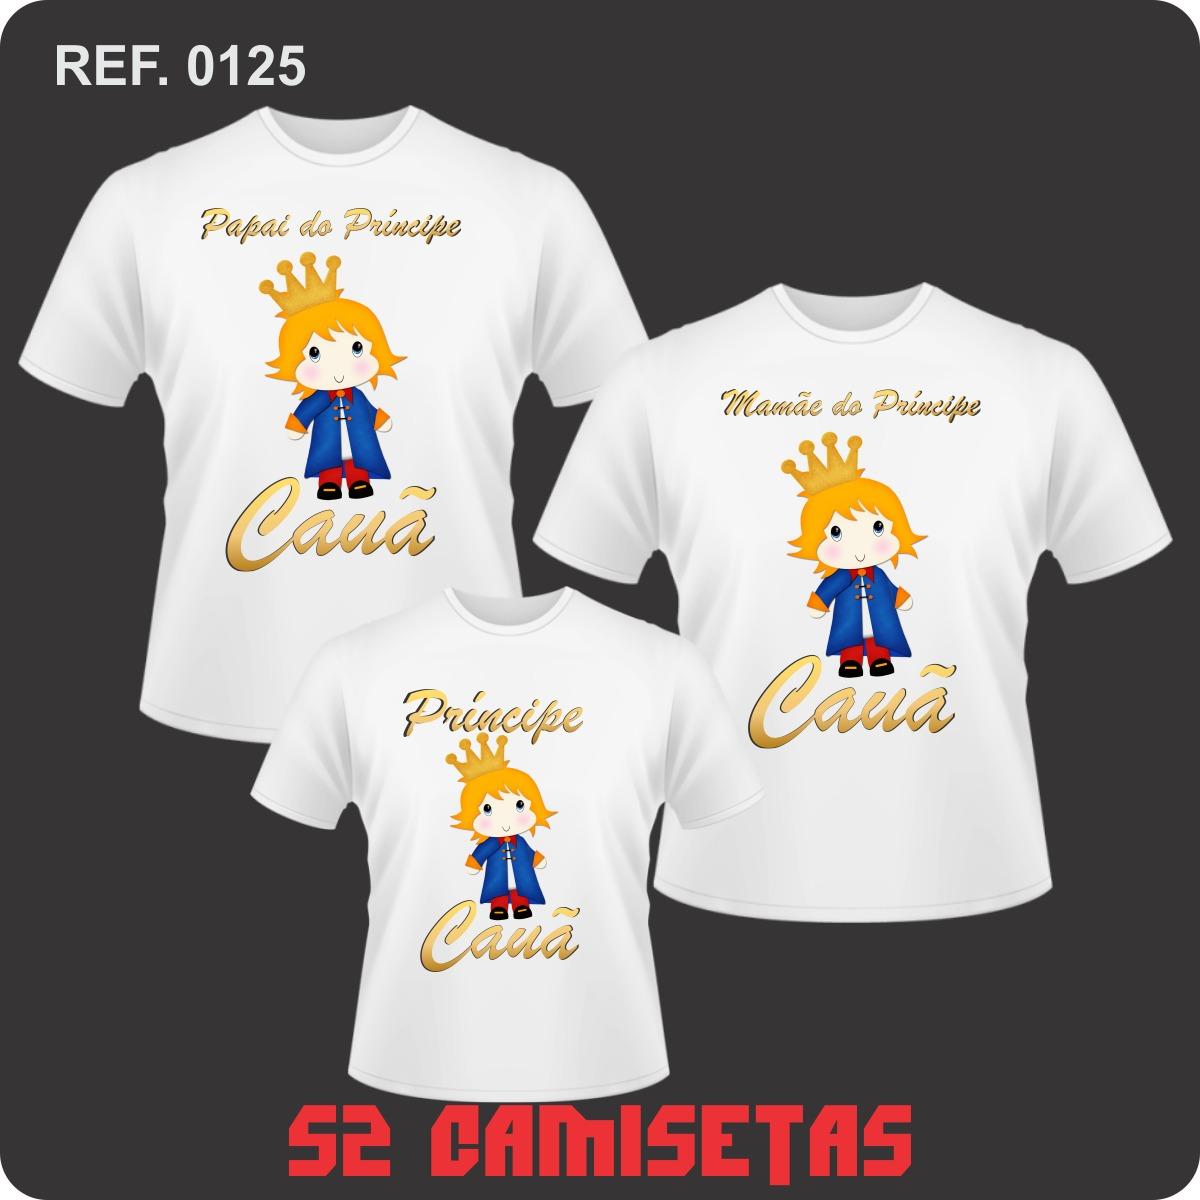 2ed29da4c69 3 camisetas personalizada o pequeno príncipe festa. Carregando zoom.